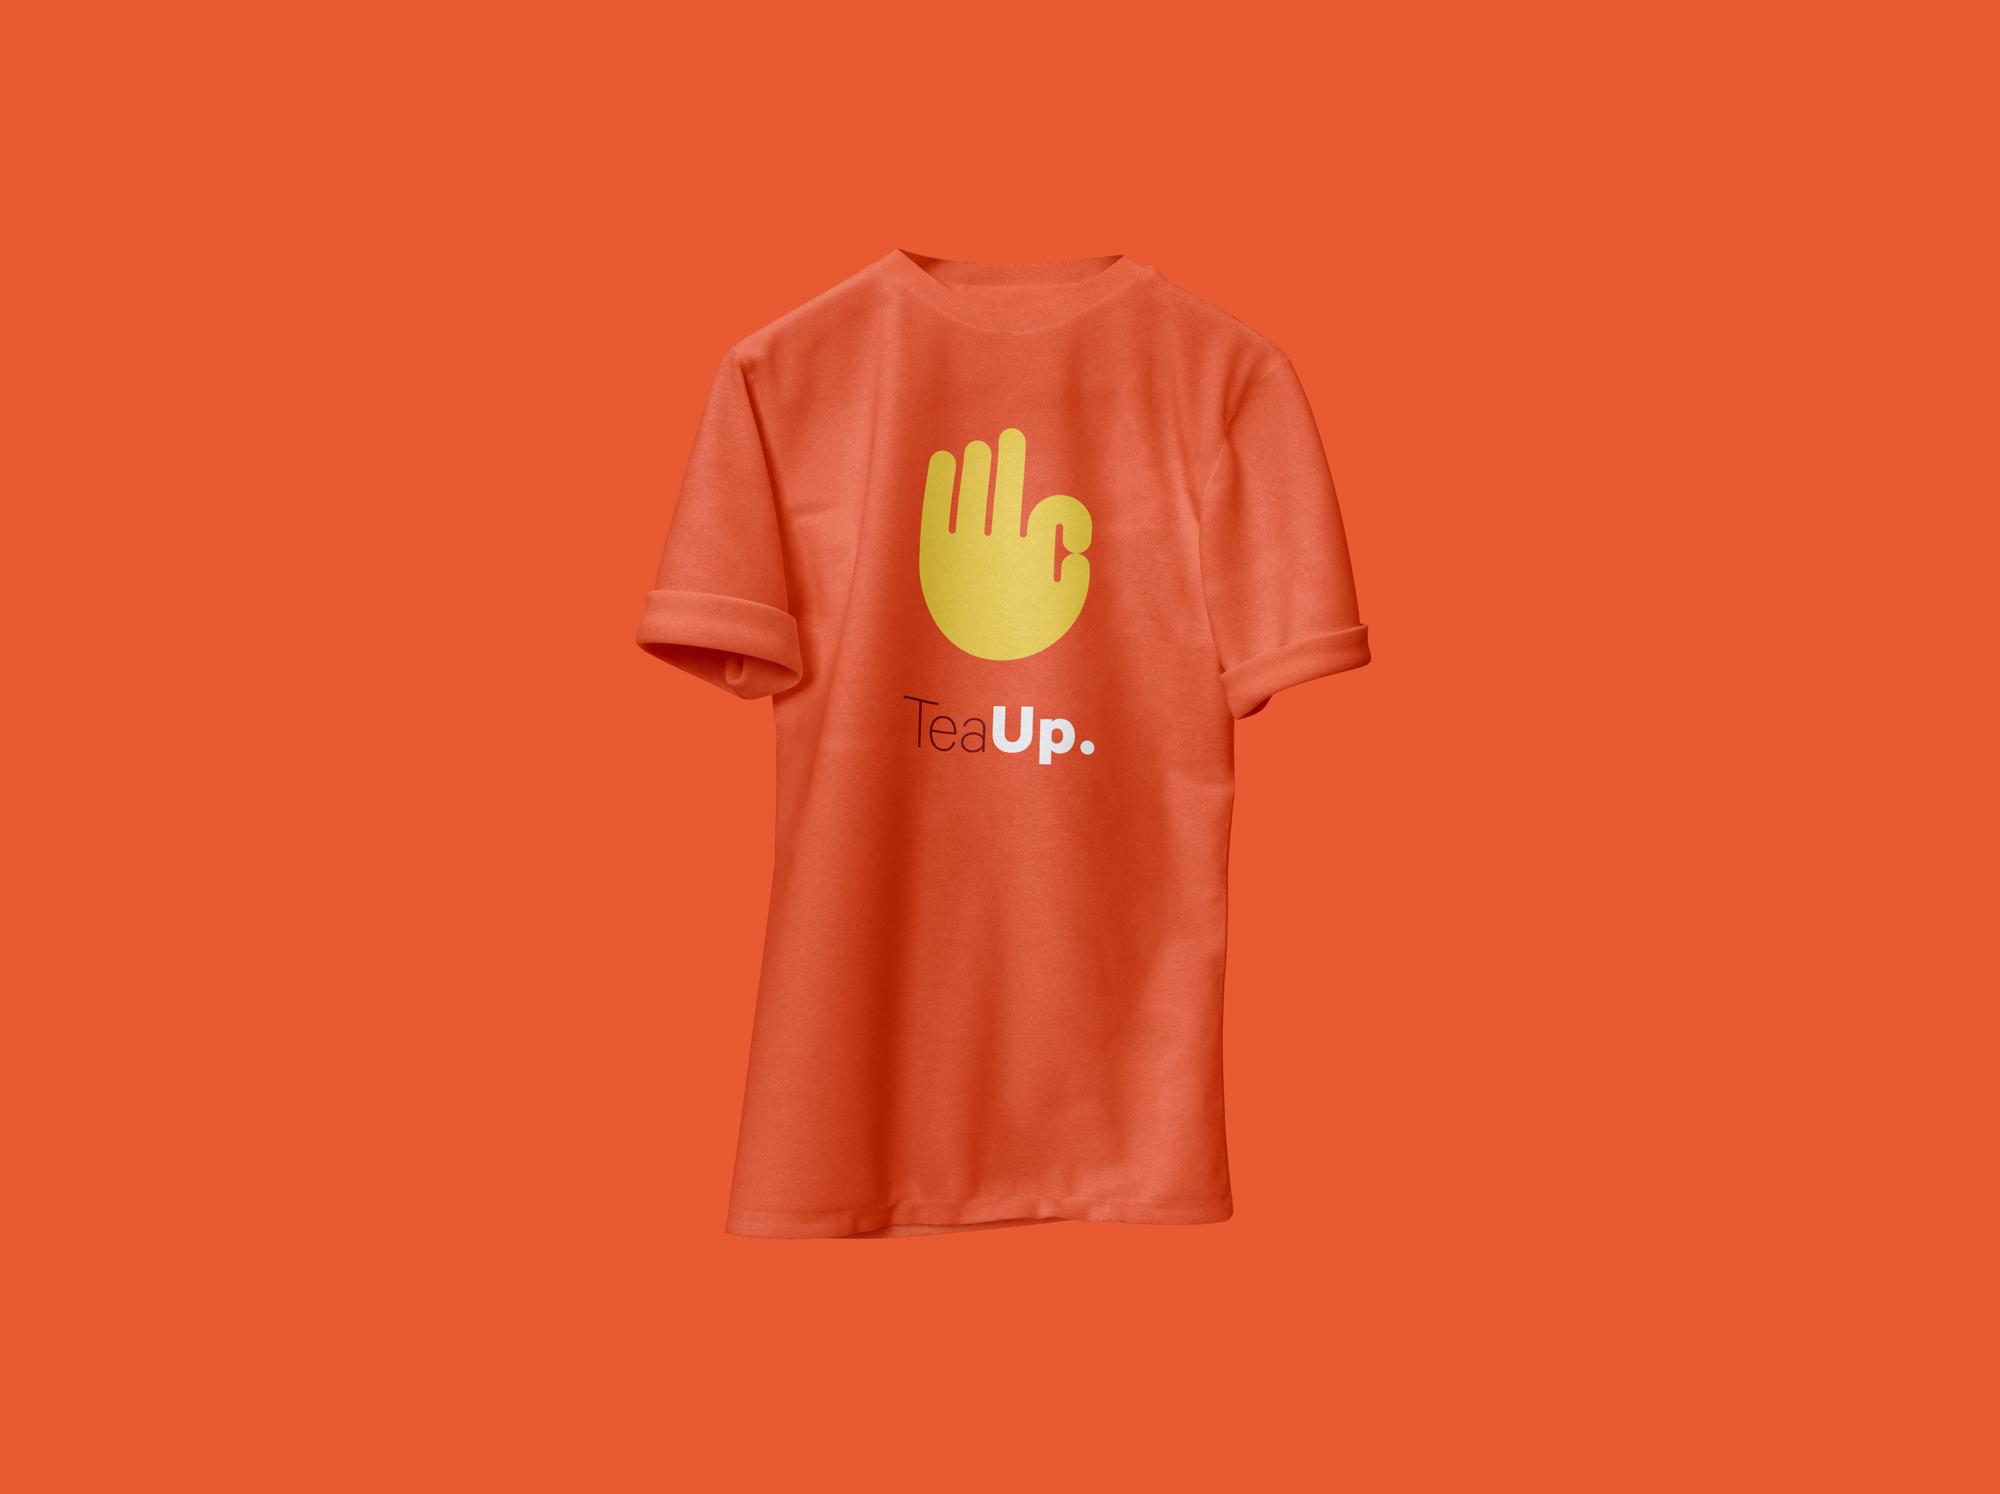 TeaUp T-Shirt